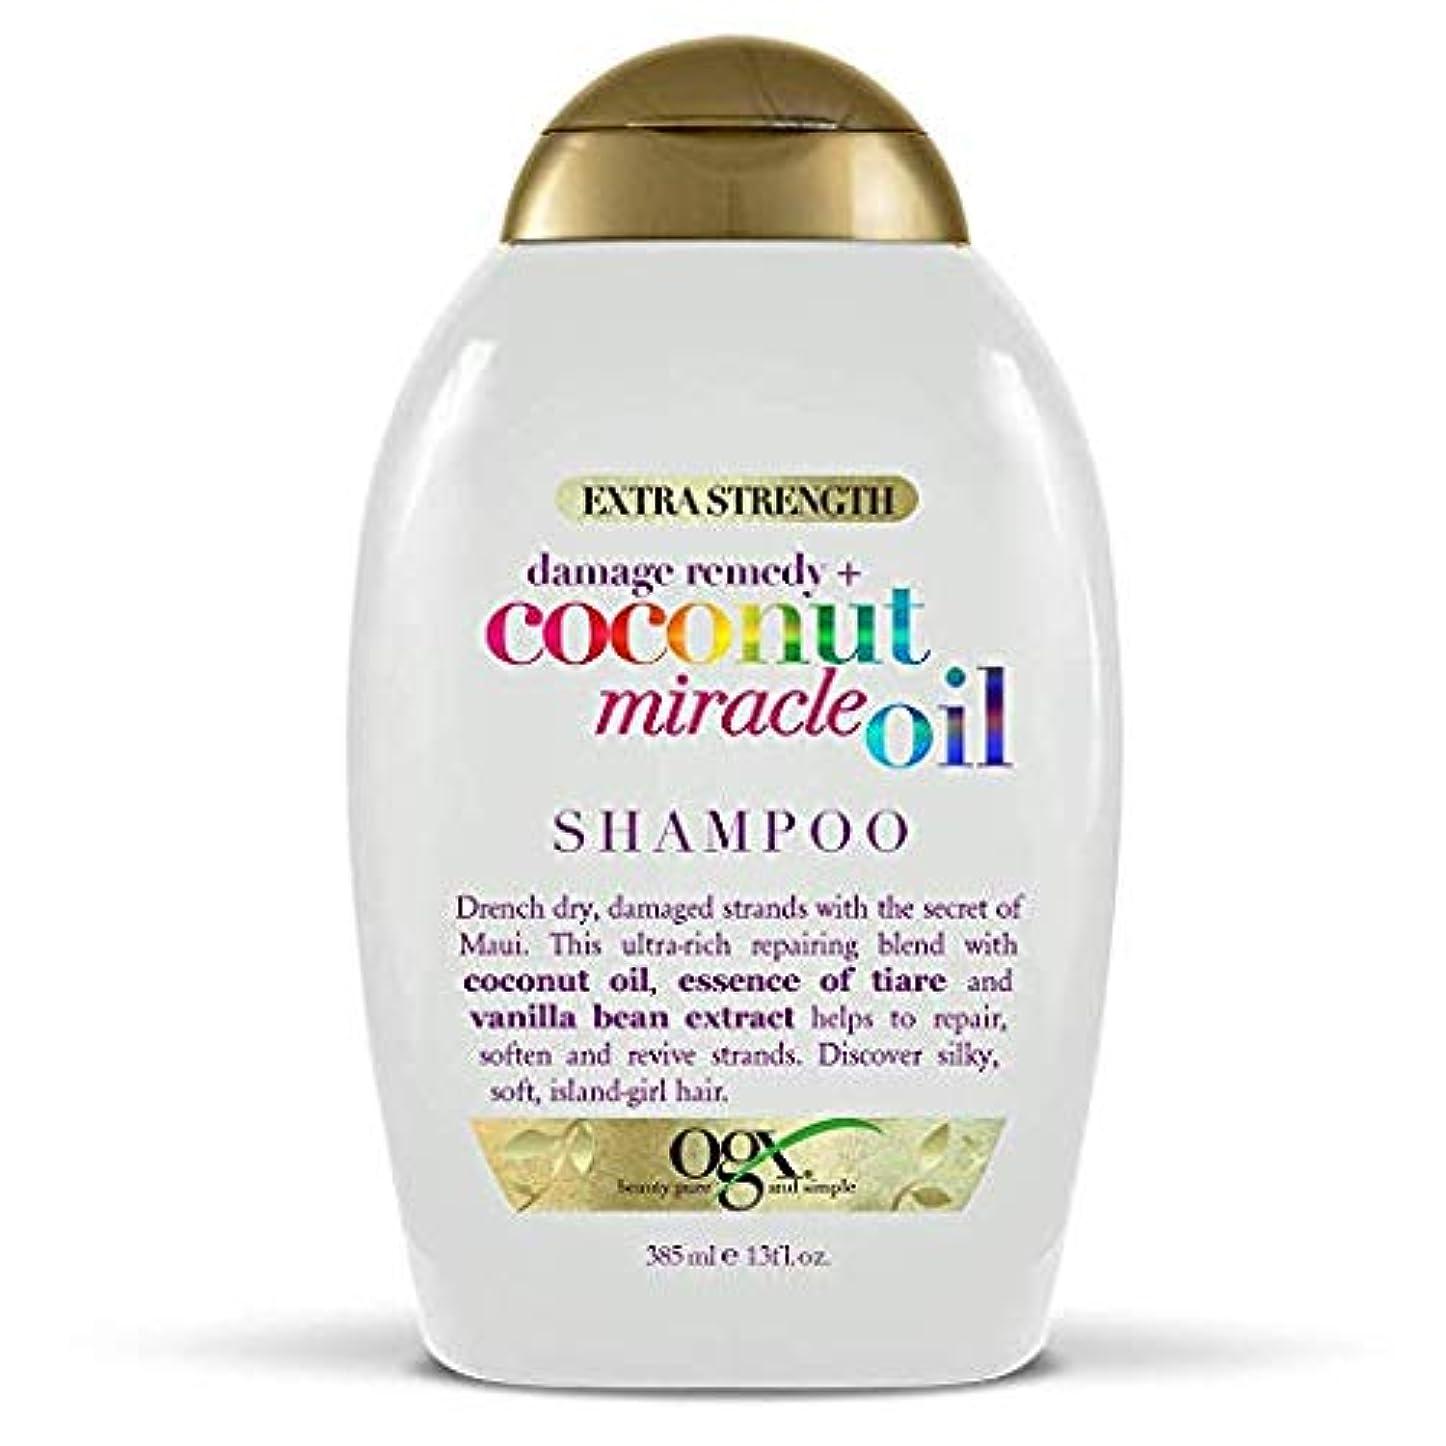 貸す隔離する経営者Ogx Shampoo Coconut Miracle Oil Extra Strength 13oz OGX ココナッツミラクルオイル エクストラストレングス シャンプー 385ml [並行輸入品]